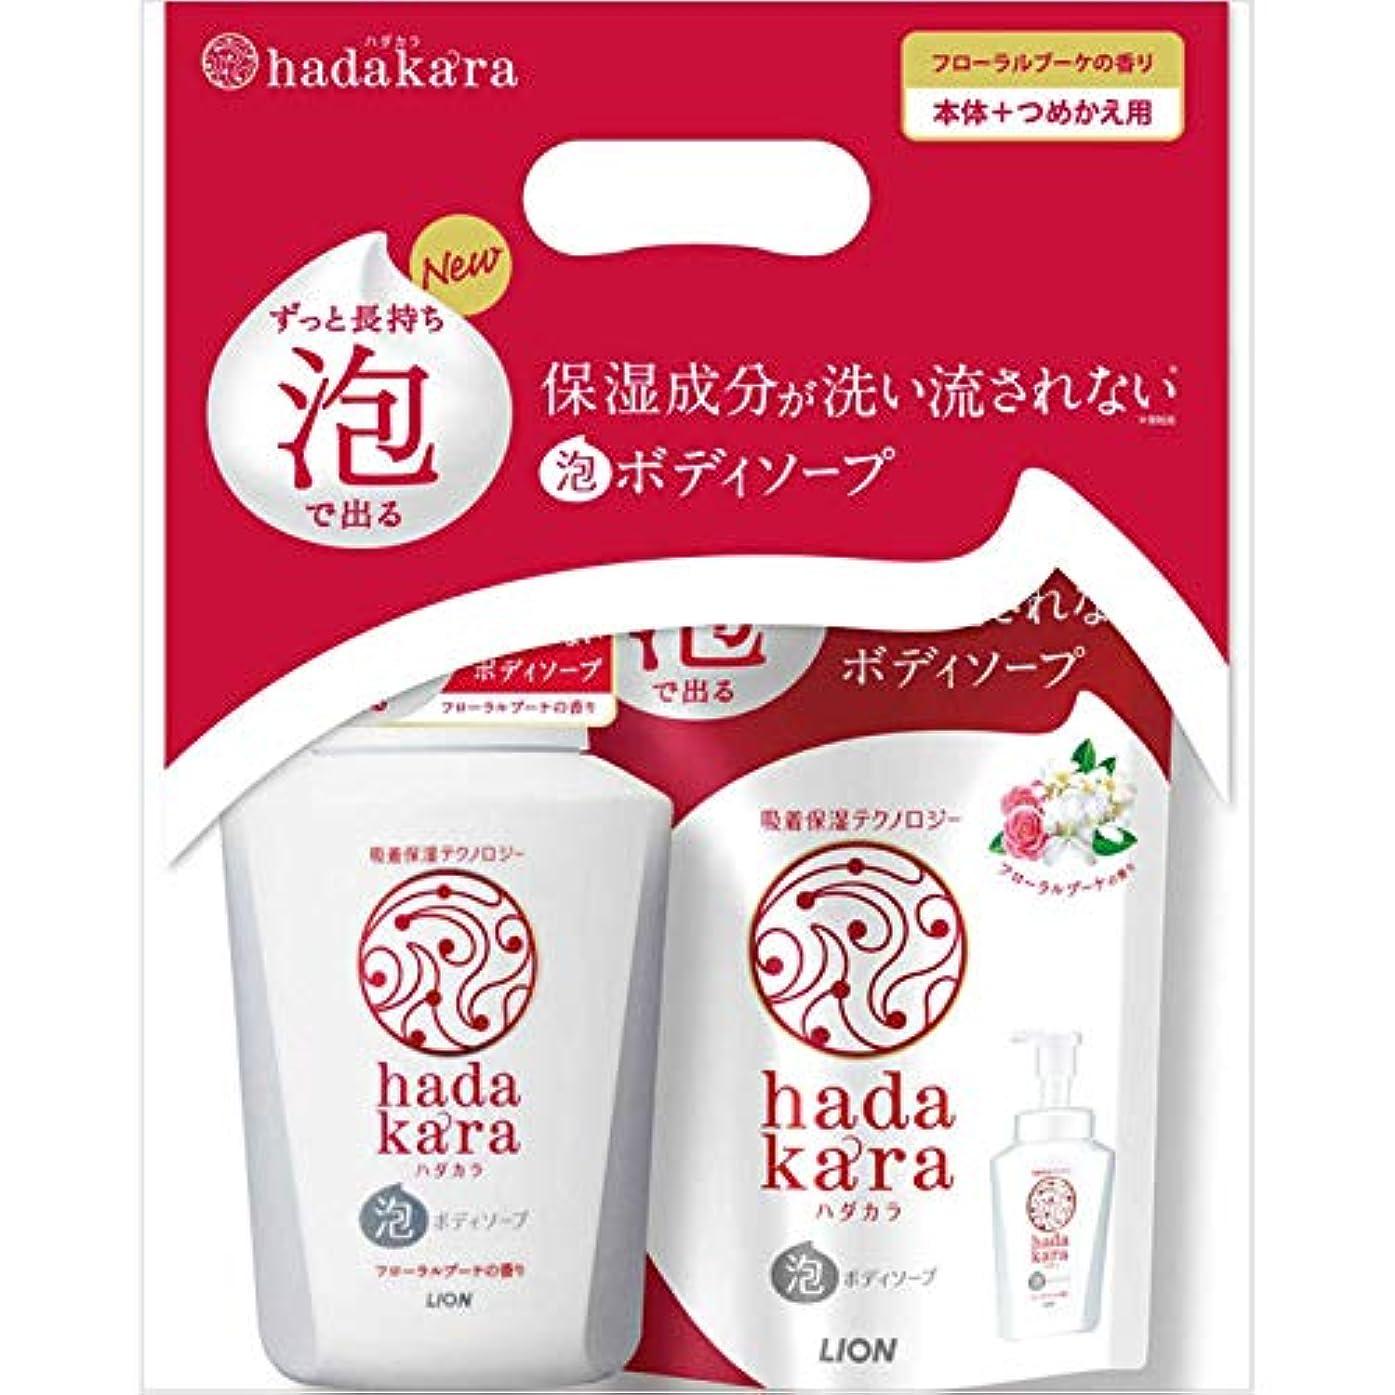 専制見物人暴動ライオン hadakara泡タイプ 本体+詰替ペアパック フローラルブーケの香り セット